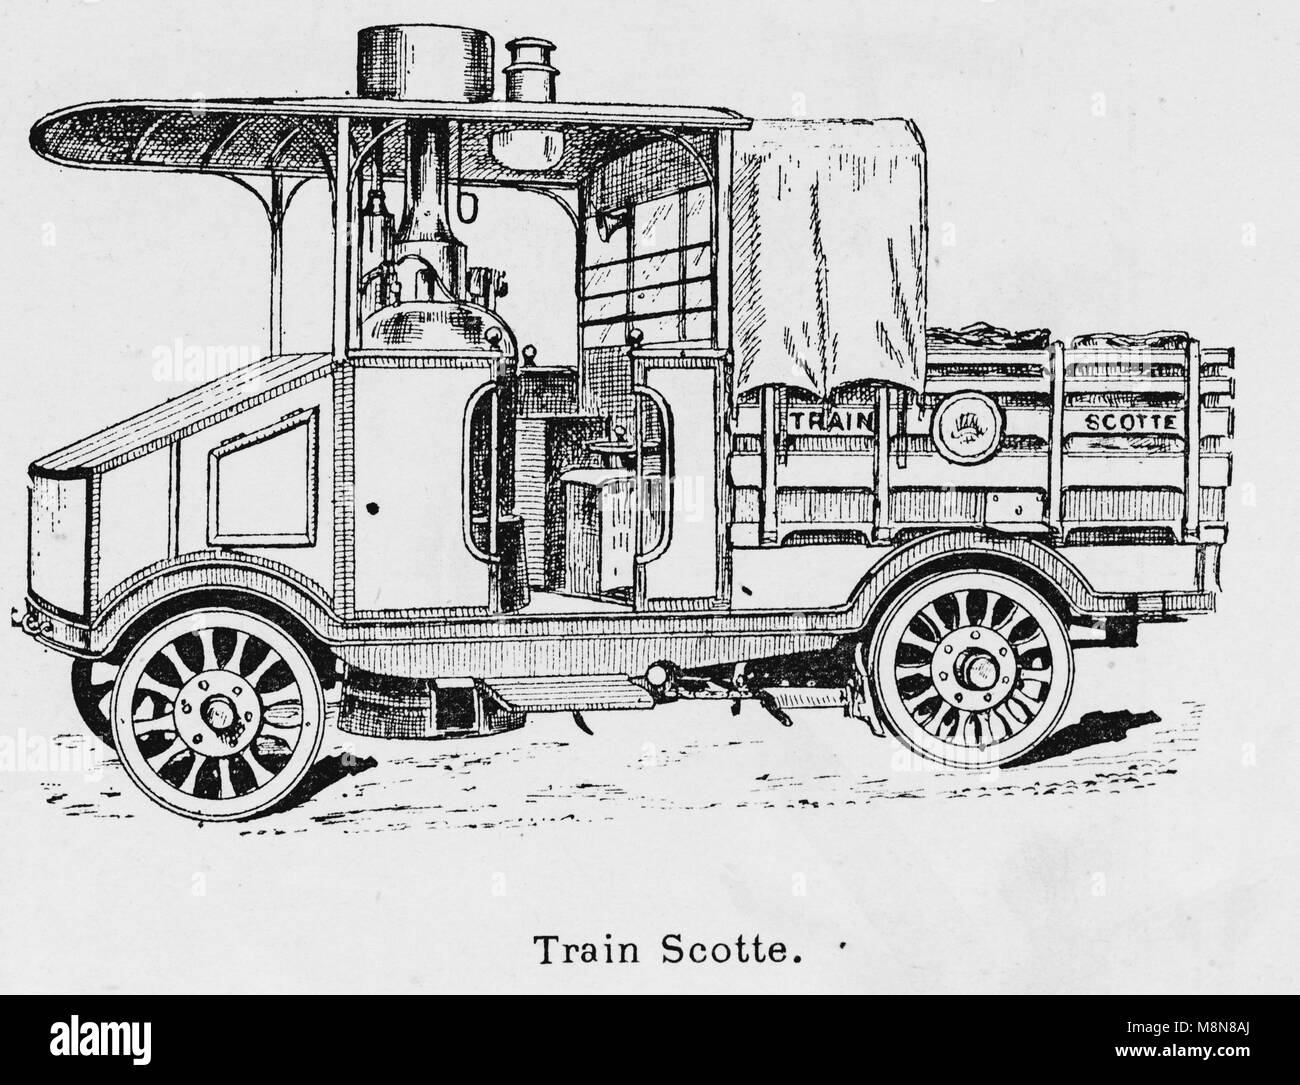 Vehículos militares durante el ejercicio militar francesa de 1900, el coche de motor de vapor Scotte, imagen Imagen De Stock